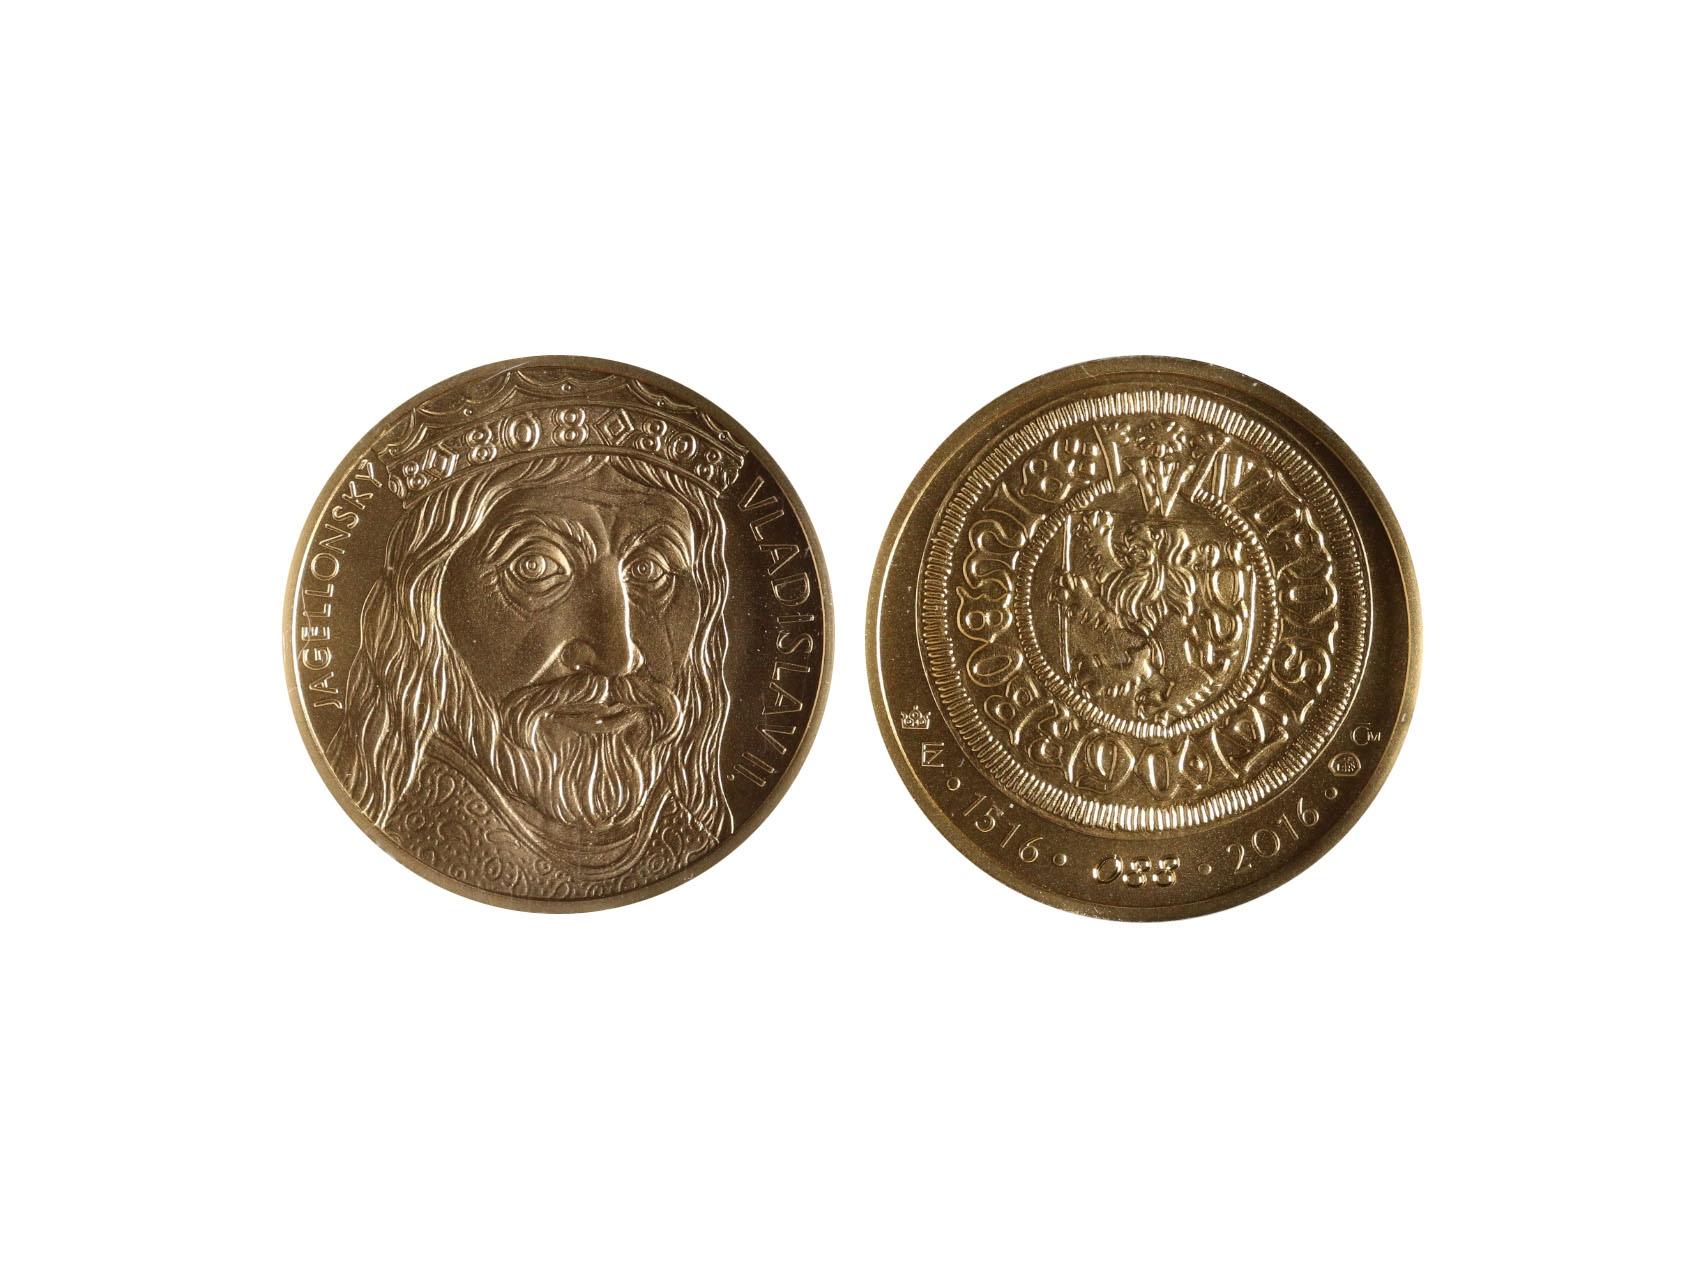 2016, Česká mincovna, zlatá medaile Vladislav II. 2 Dukát, Au 0,986, 6,98g, náklad 150 ks, číslovaný č. 88, luxusní etue, certifikát podepsaný autory Fojtů a Němečková